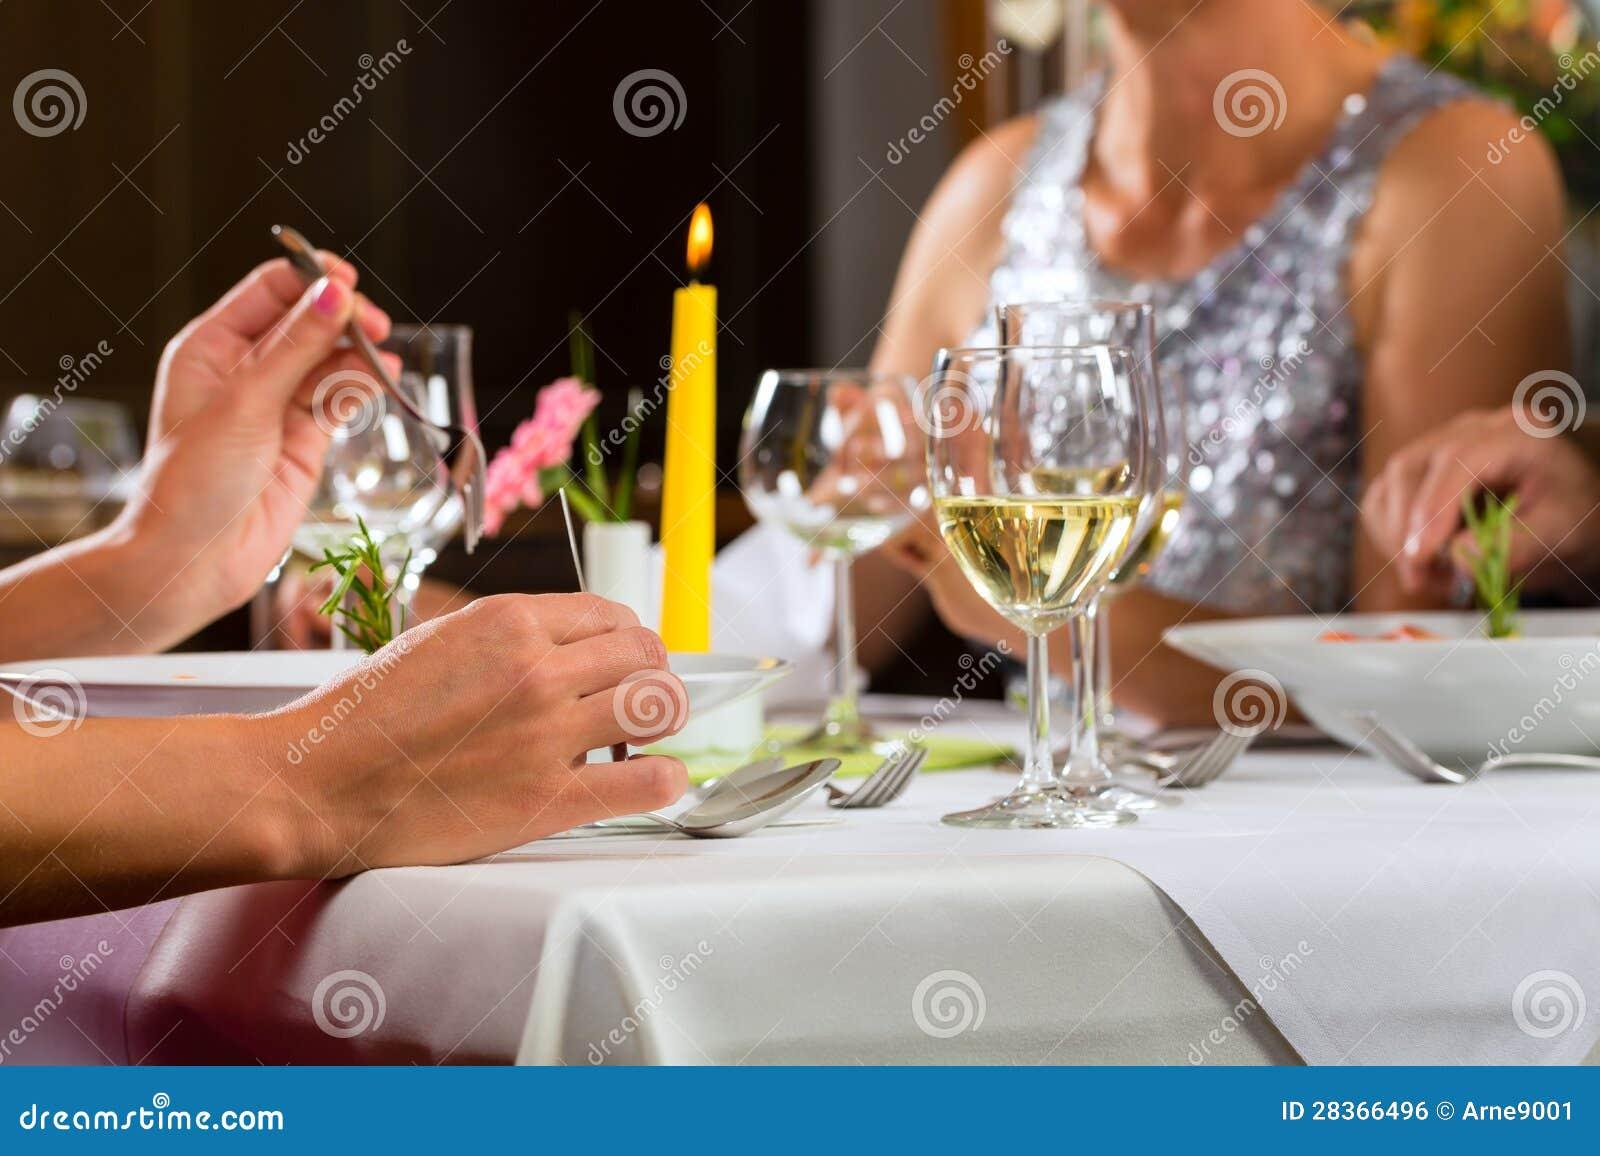 Les gens affinent diner dans le restaurant élégant